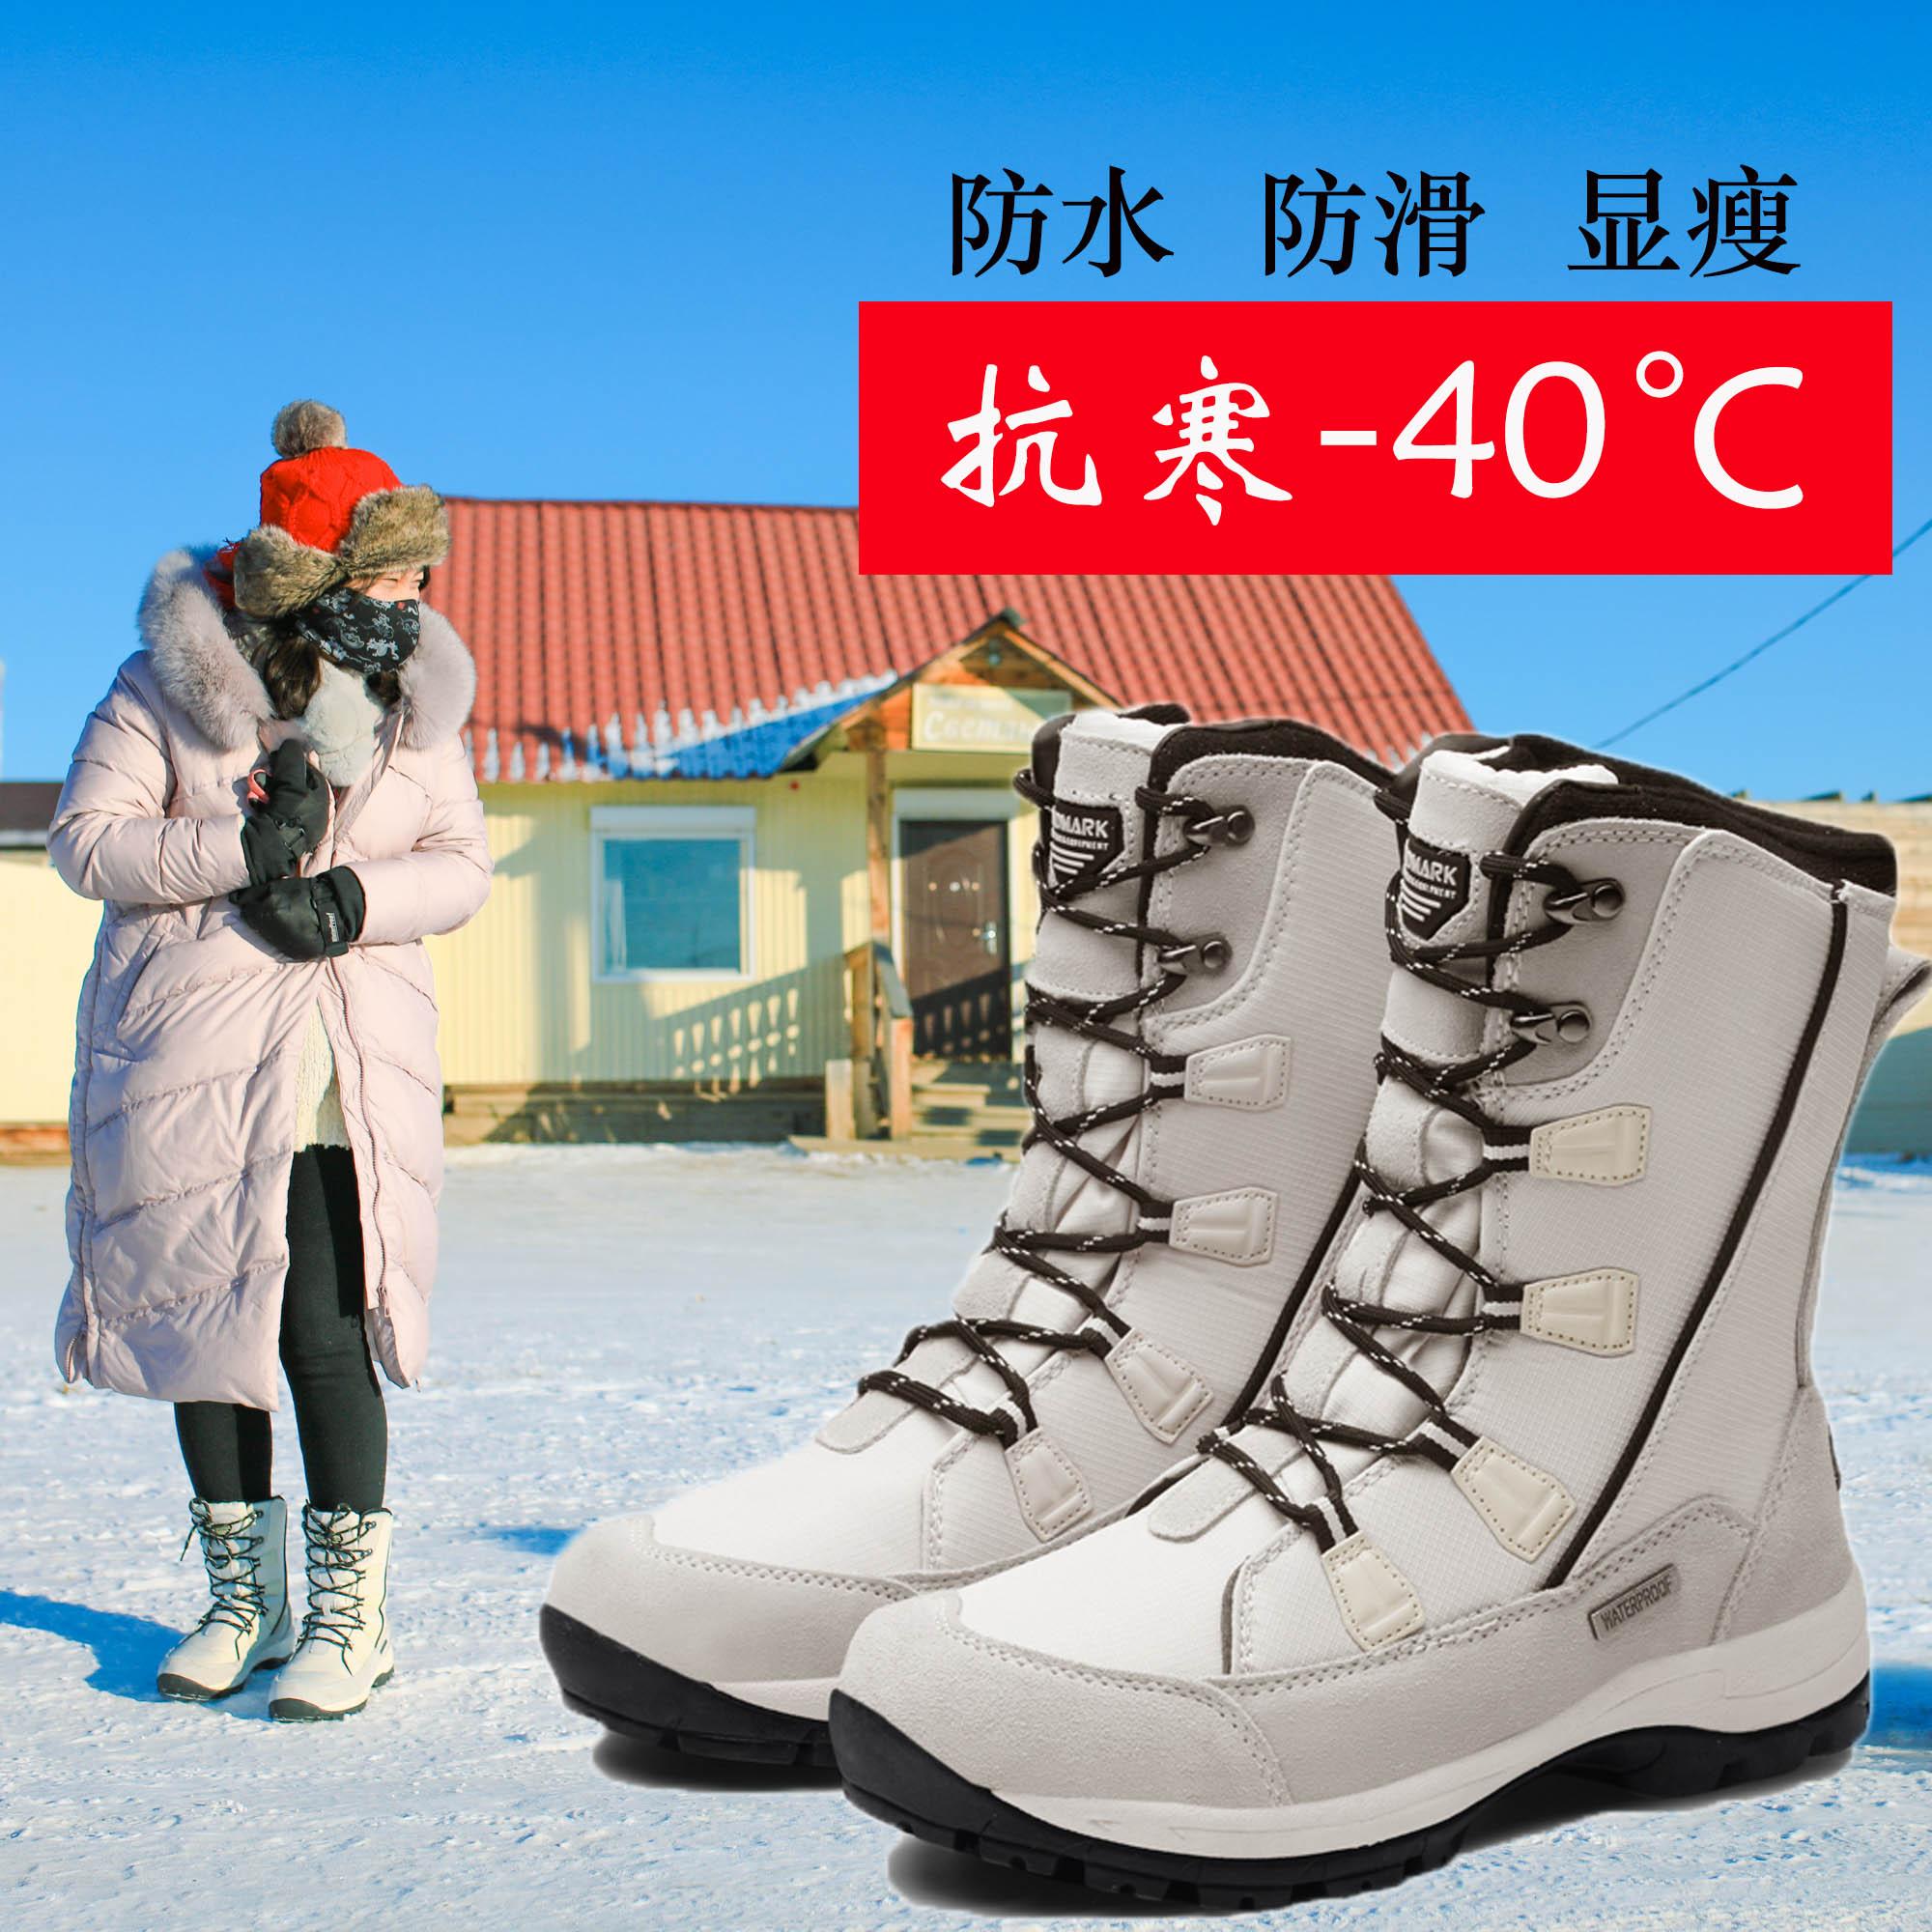 户外冬季雪地靴保暖女中筒加绒新款内增高棉靴子女士防水防滑雪鞋